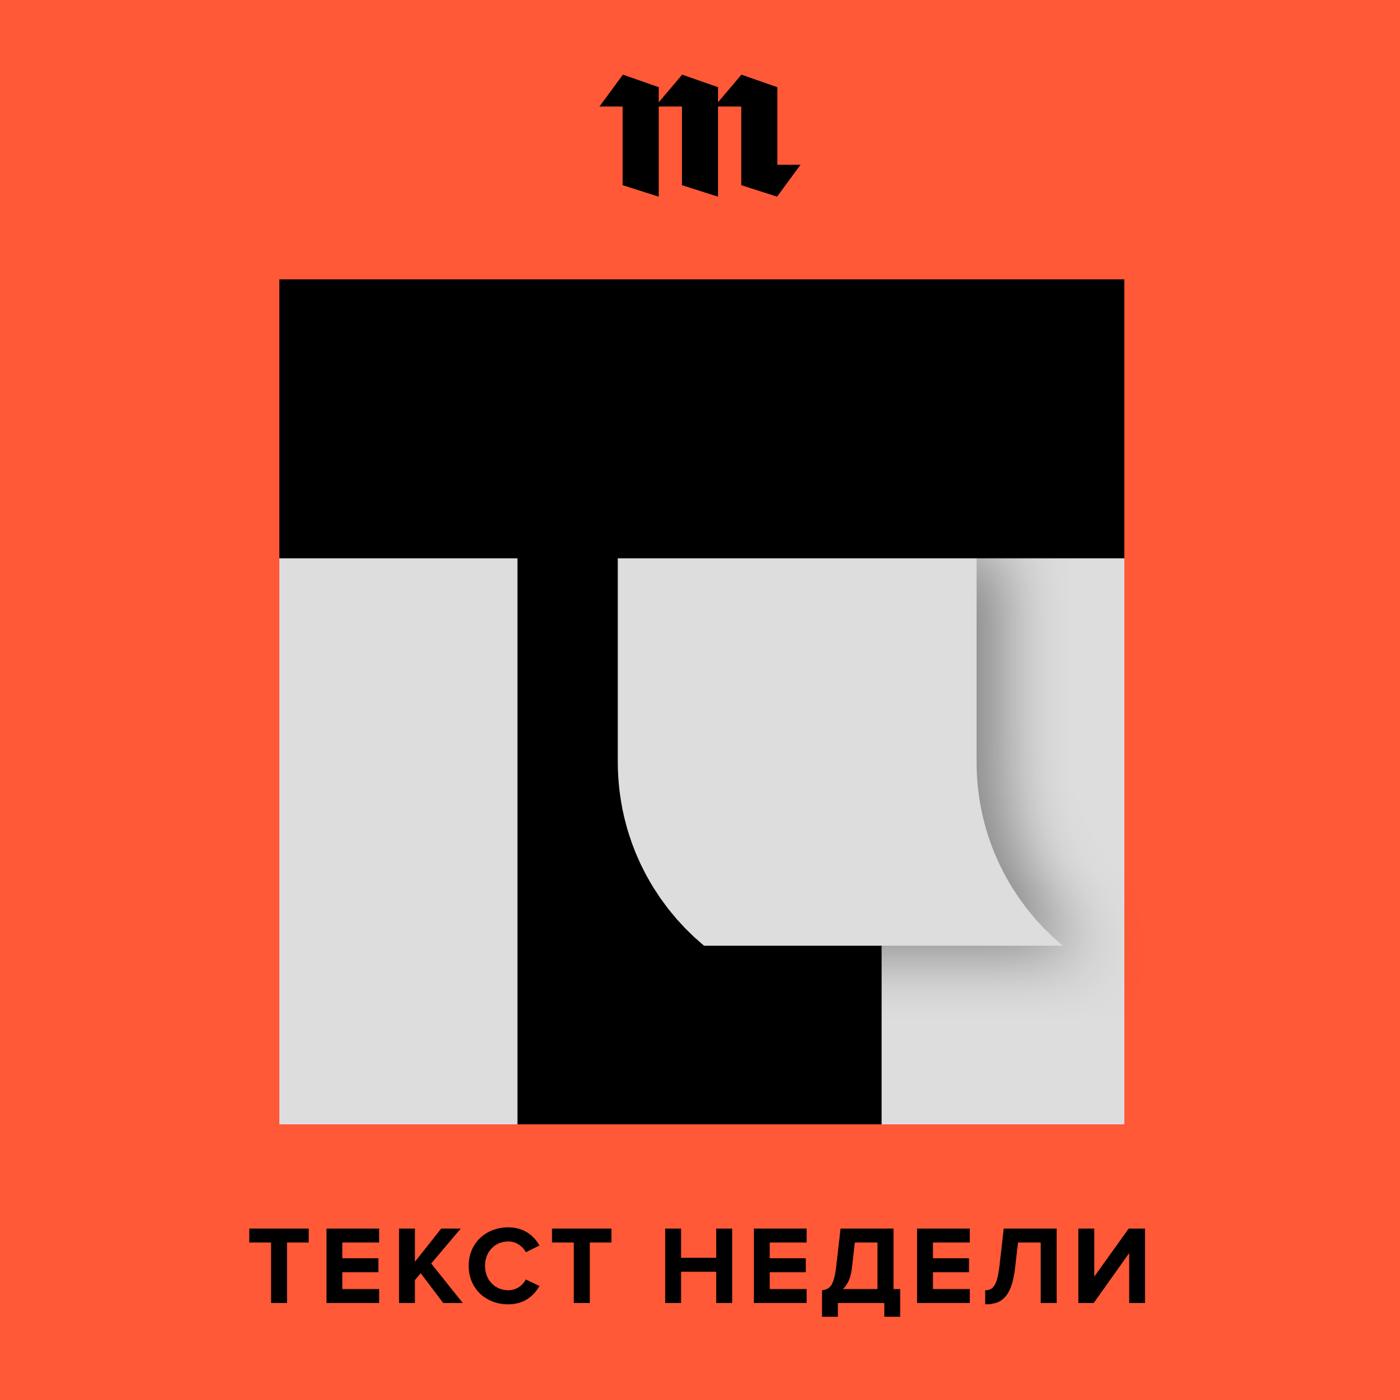 Битва двух популизмов. Профсоюз Навального против «майских указов» Путина